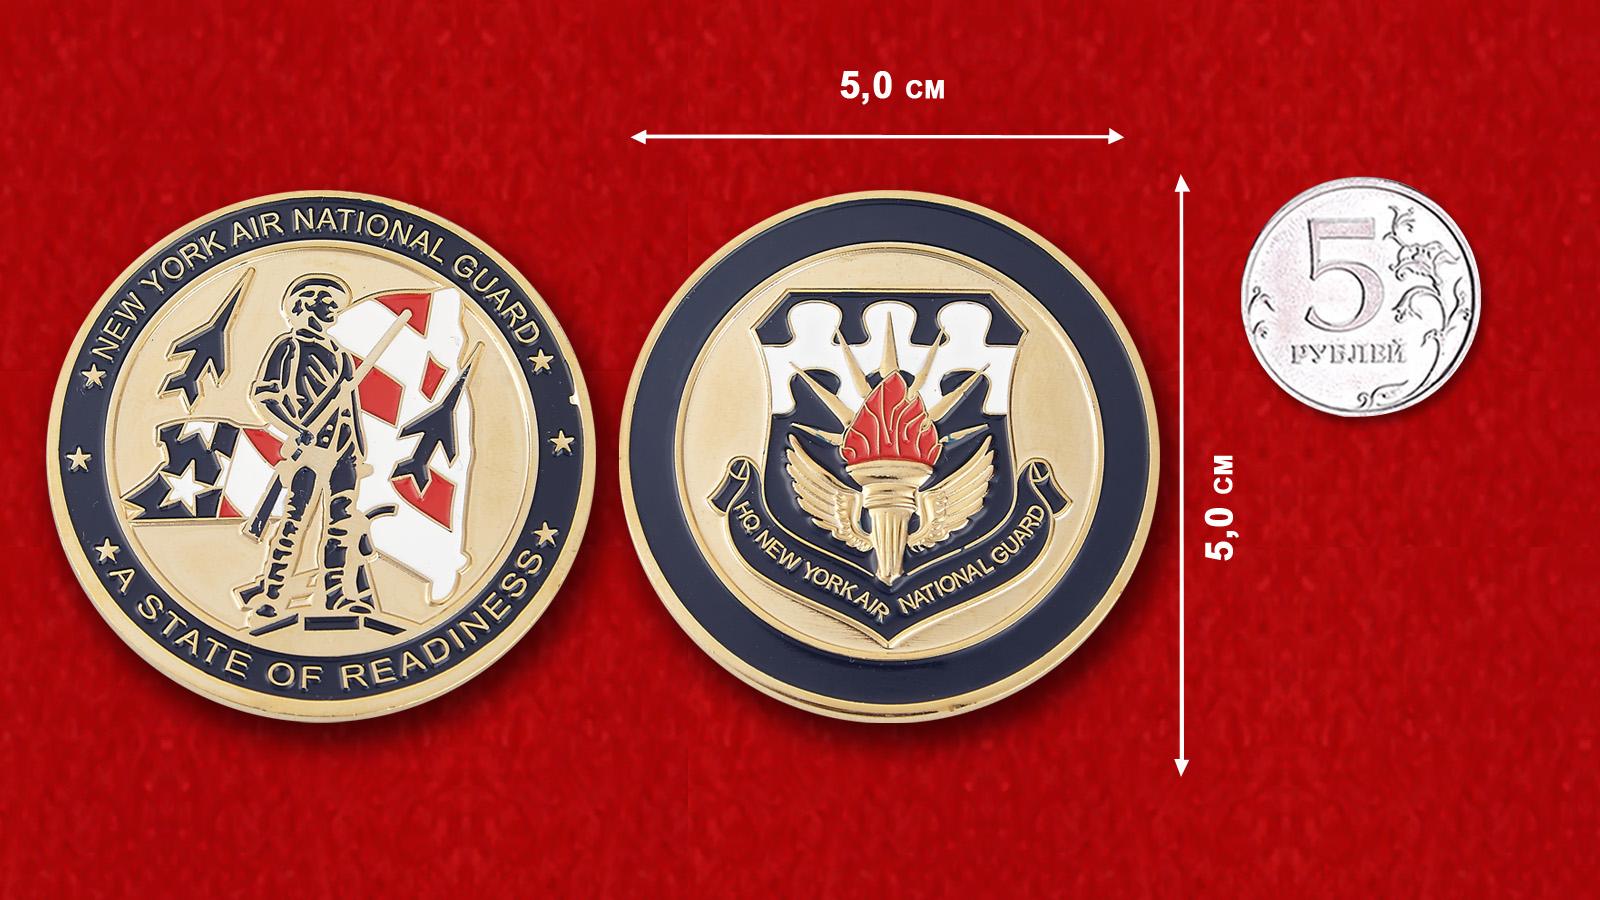 """Челлендж коин """"ВВС Национальной гвардии штата Нью-Йорк""""  - сравнительный размер"""